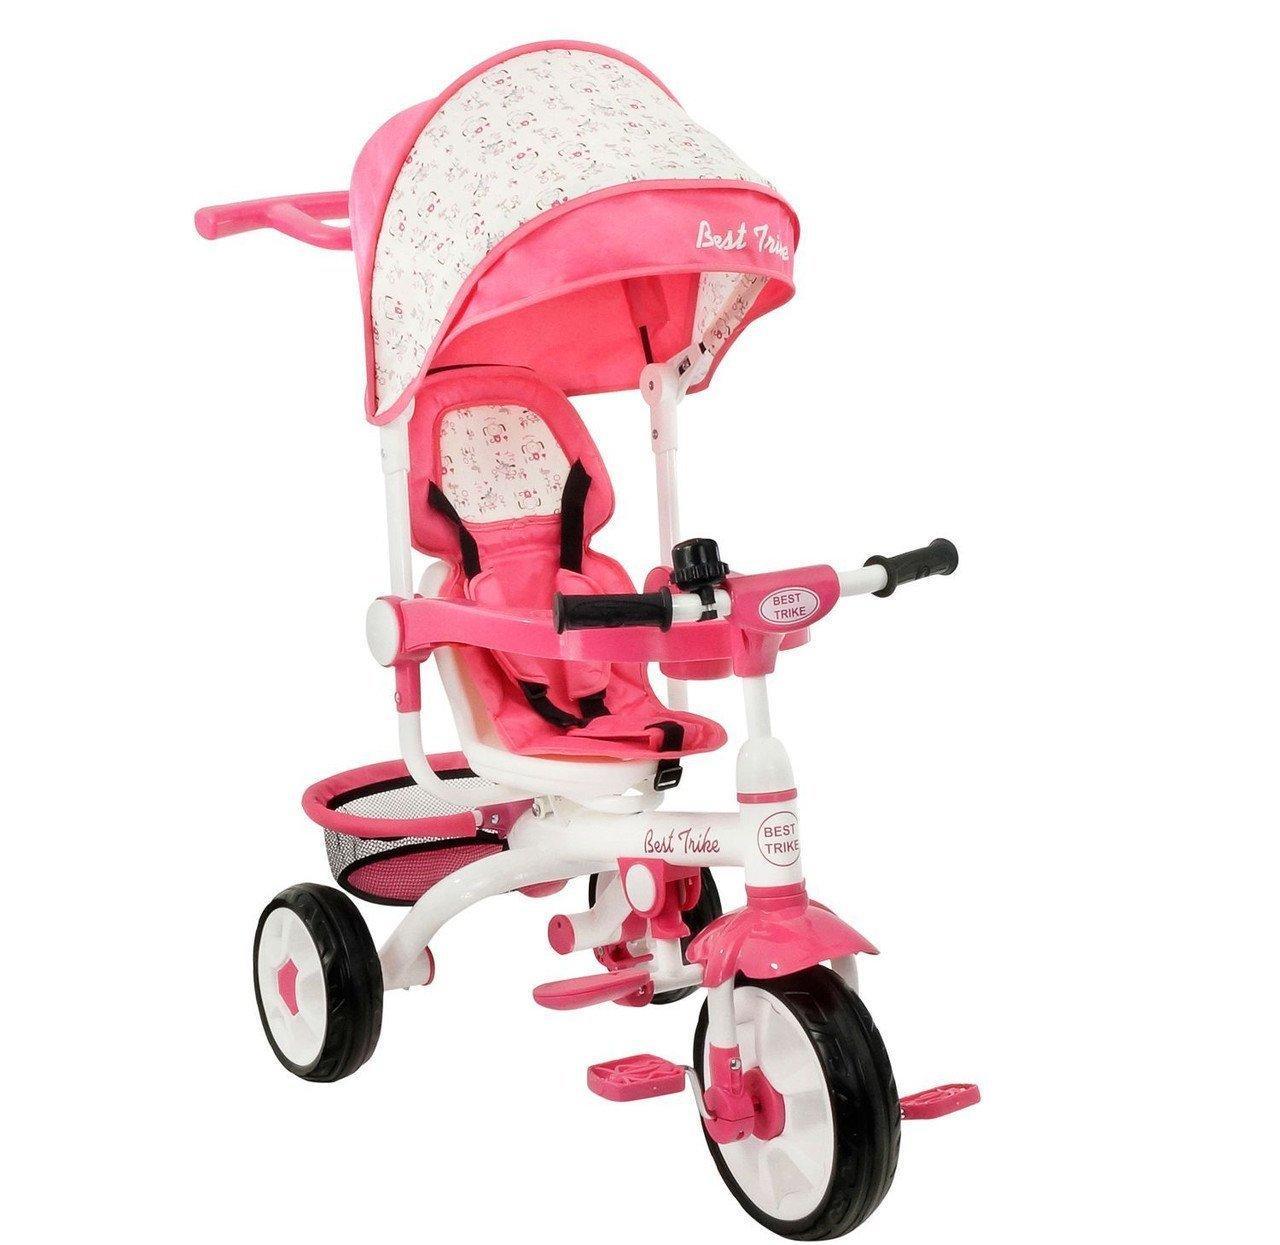 Детский стильный трехколесный велосипед цвета в ассортименте